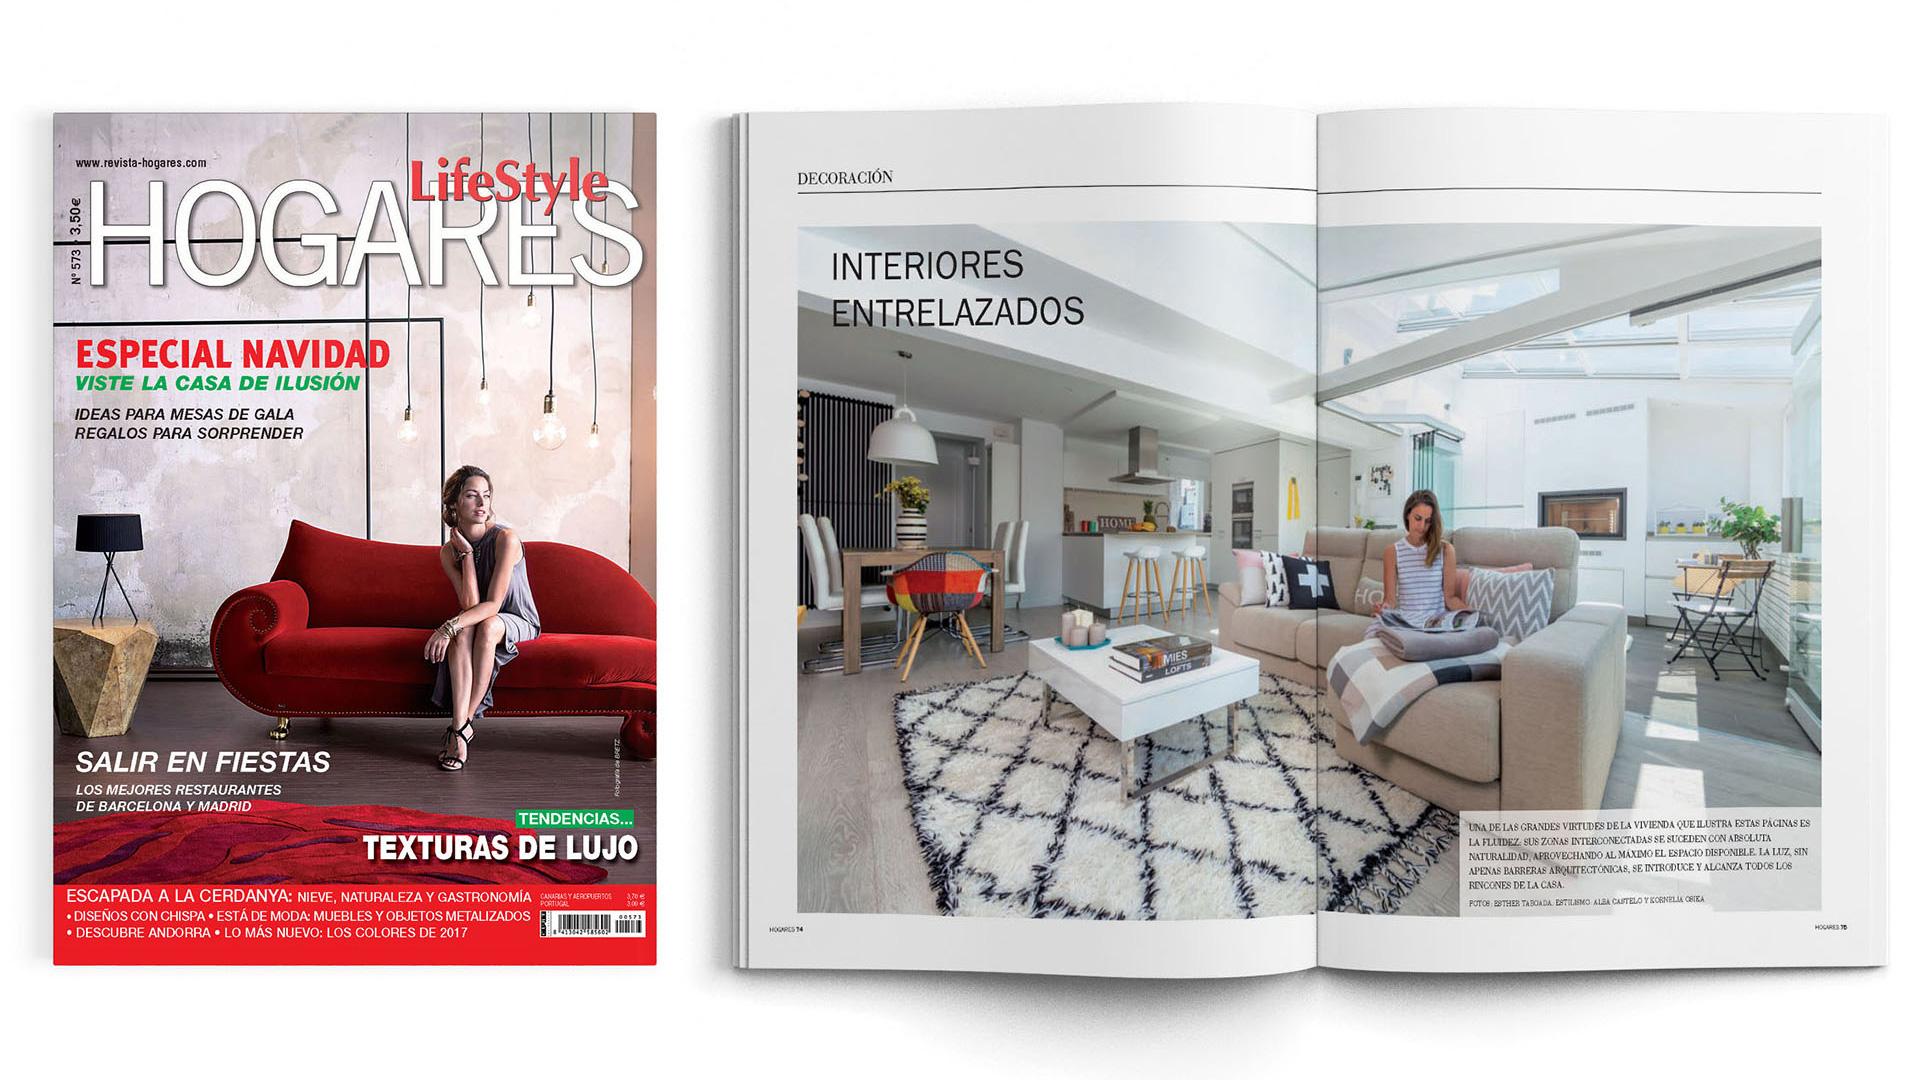 Santiago Interiores en los medios: una cocina abierta | Cocinas Santos | Santiago Interiores | Publicación en Hogares